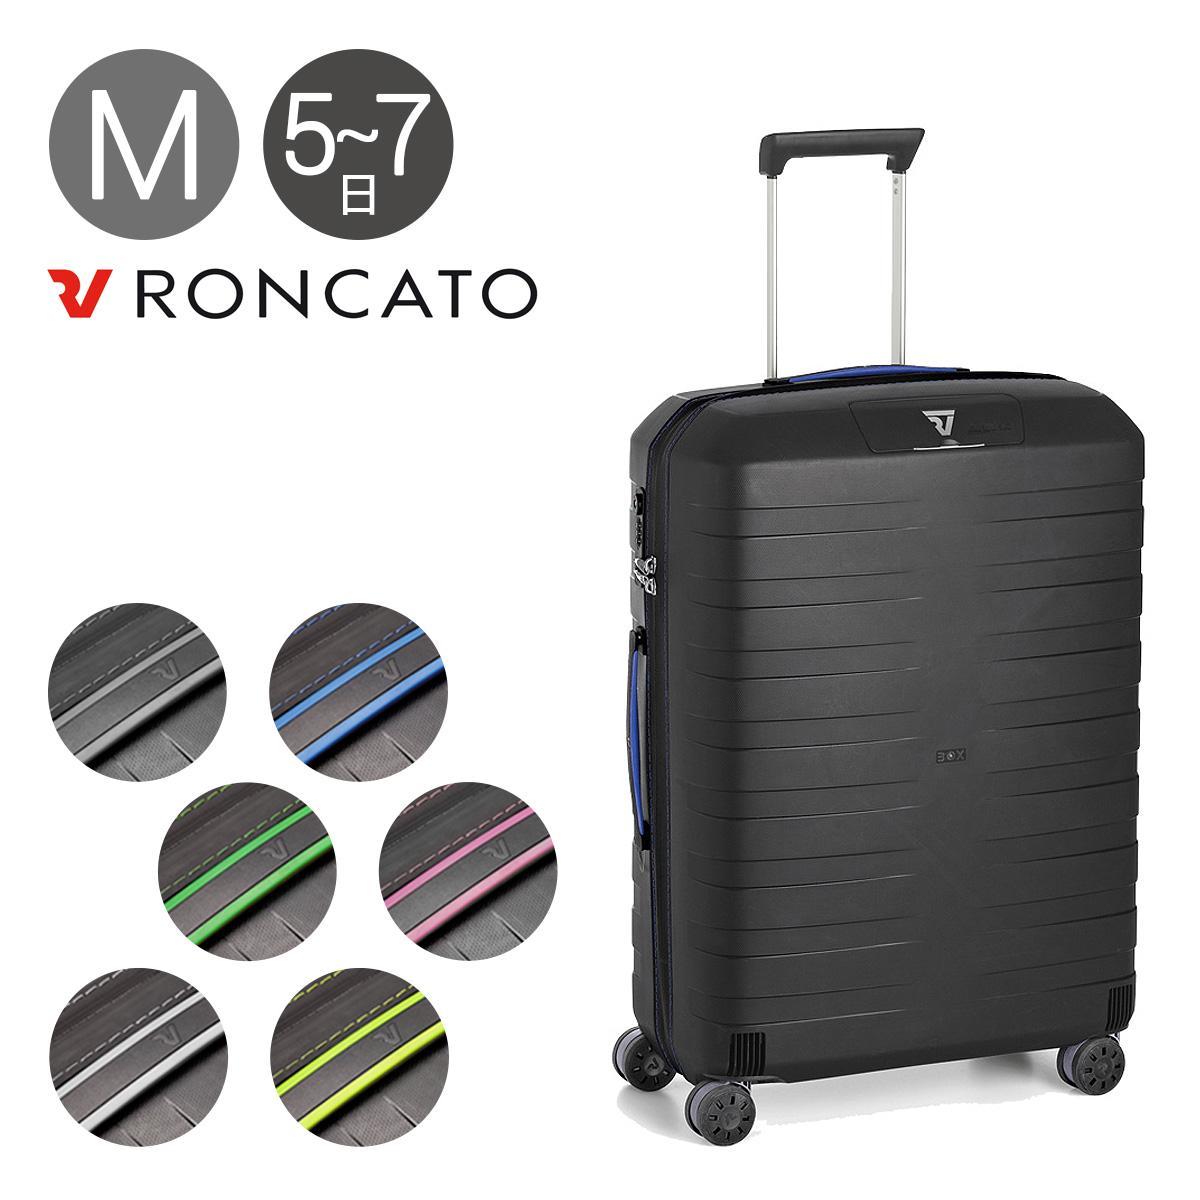 ロンカート スーツケース 5512 64cm 【 RONCATO BOX ボックス 10年保証 】【 キャリーケース キャリーバッグ TSAロック搭載 】[bef]